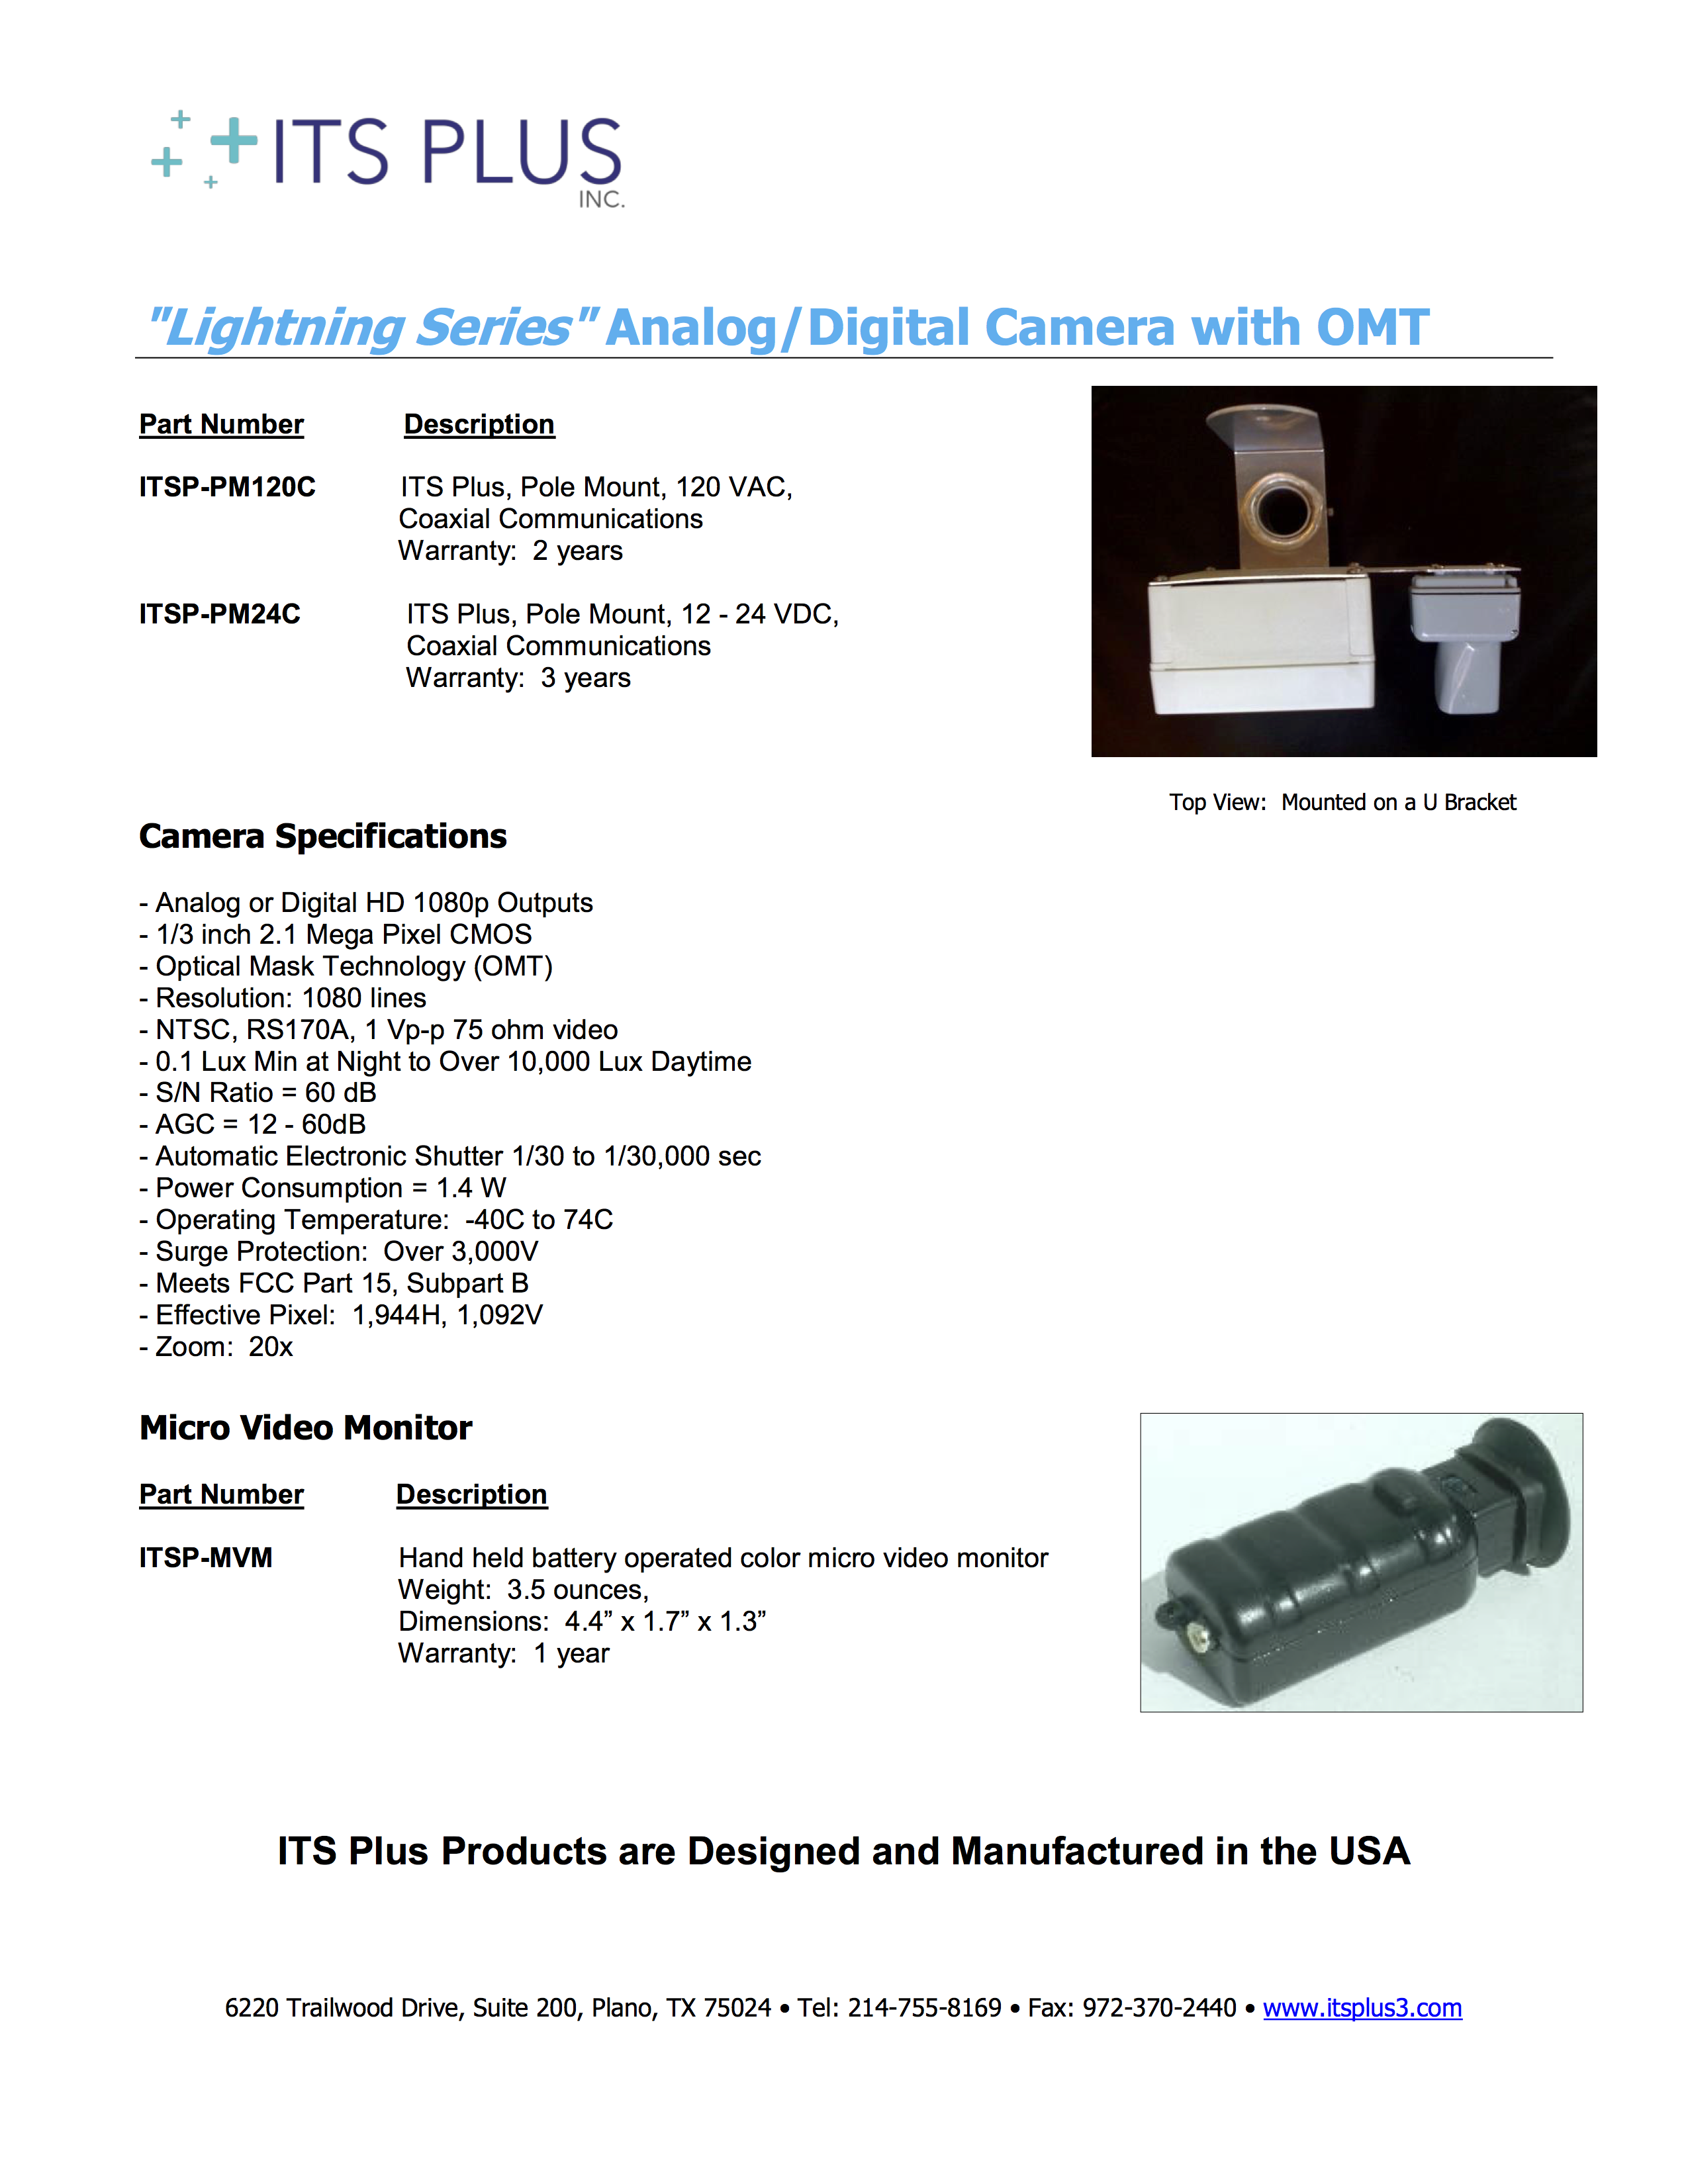 ITSP-PM120C HDM30pge2